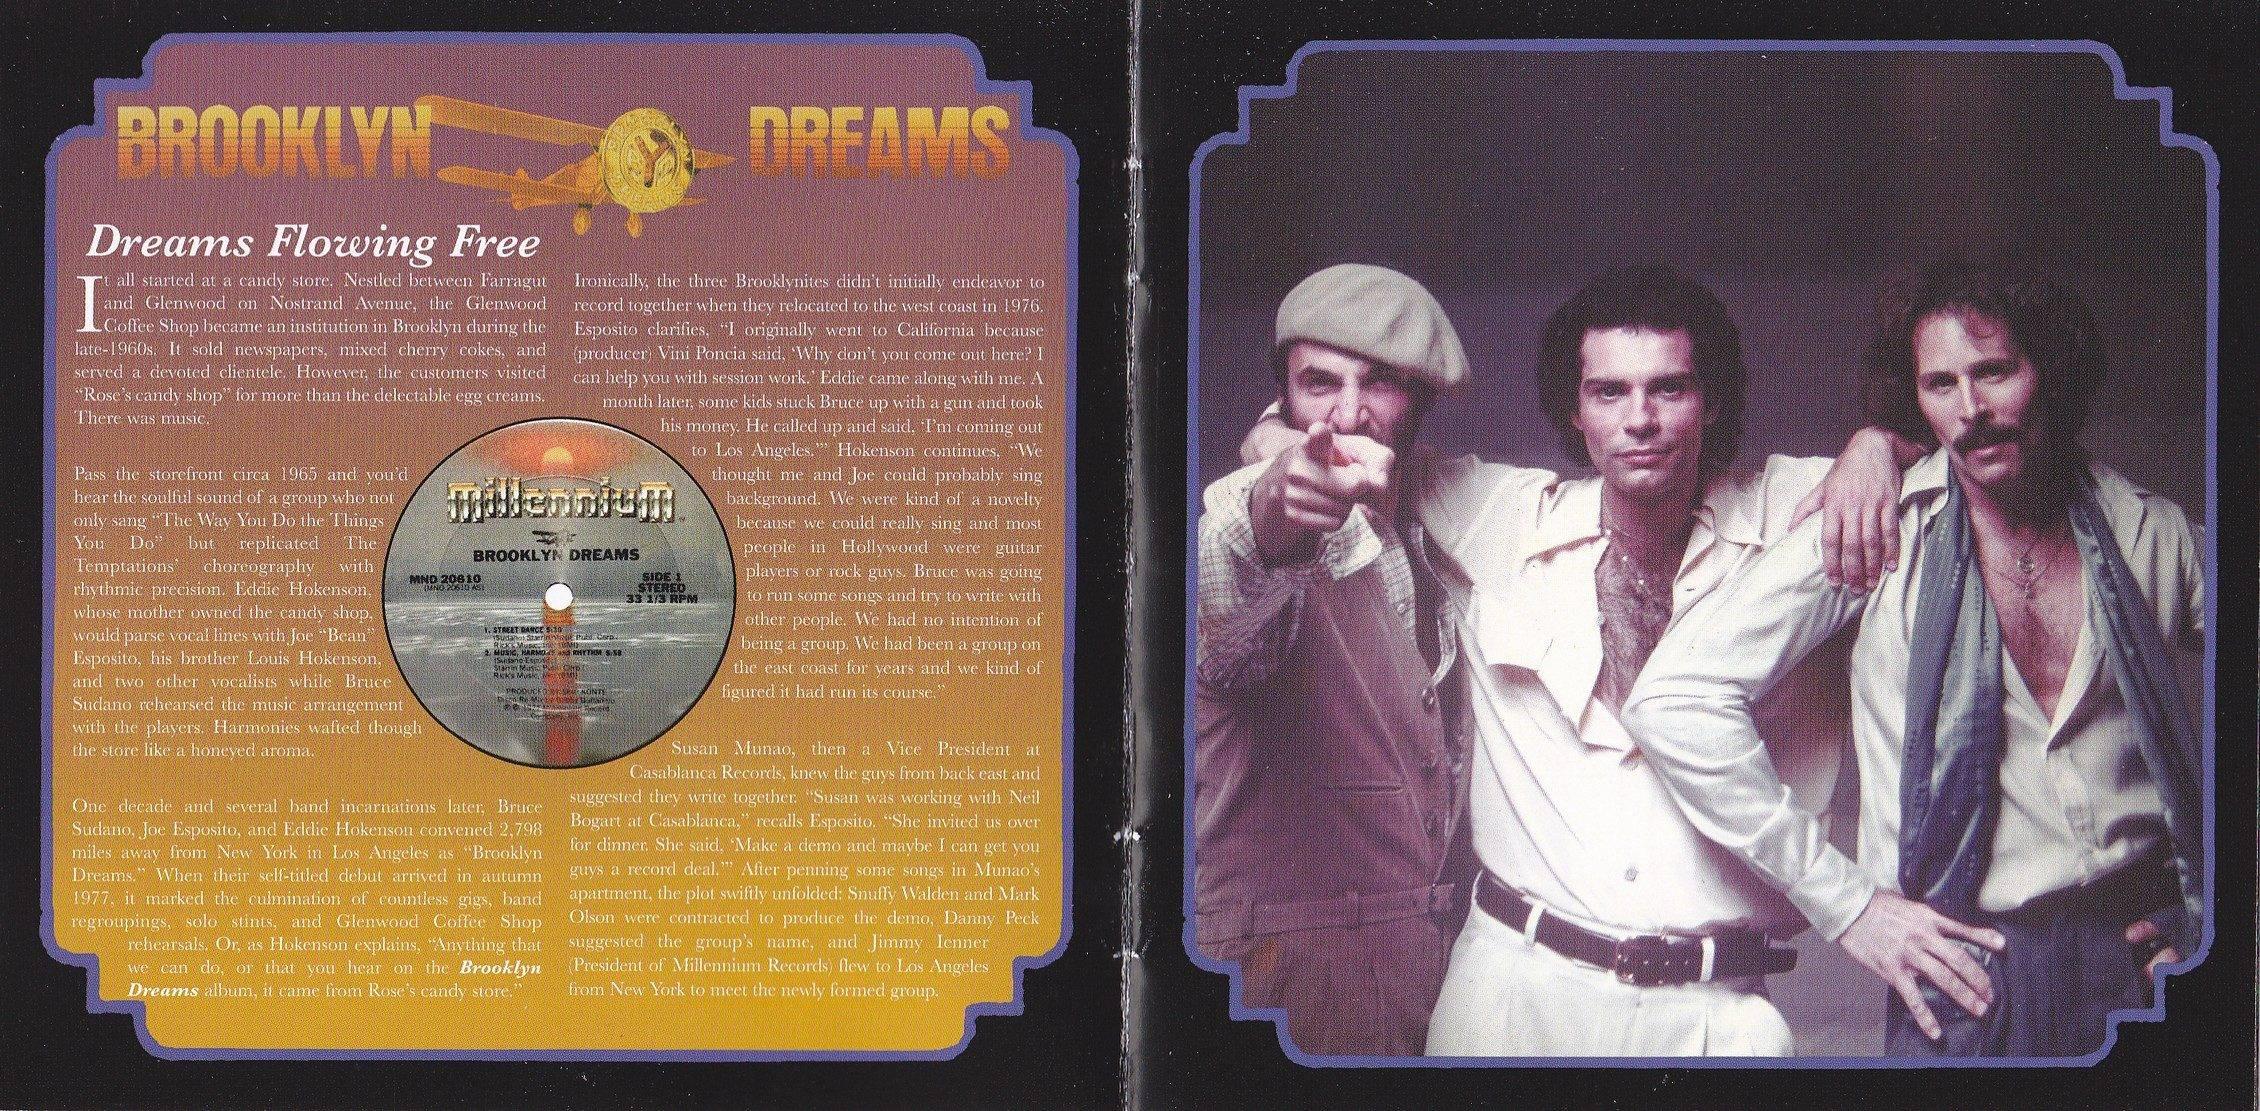 Brooklyn Dreams - Brooklyn Dreams (1977) {2010 Remastered